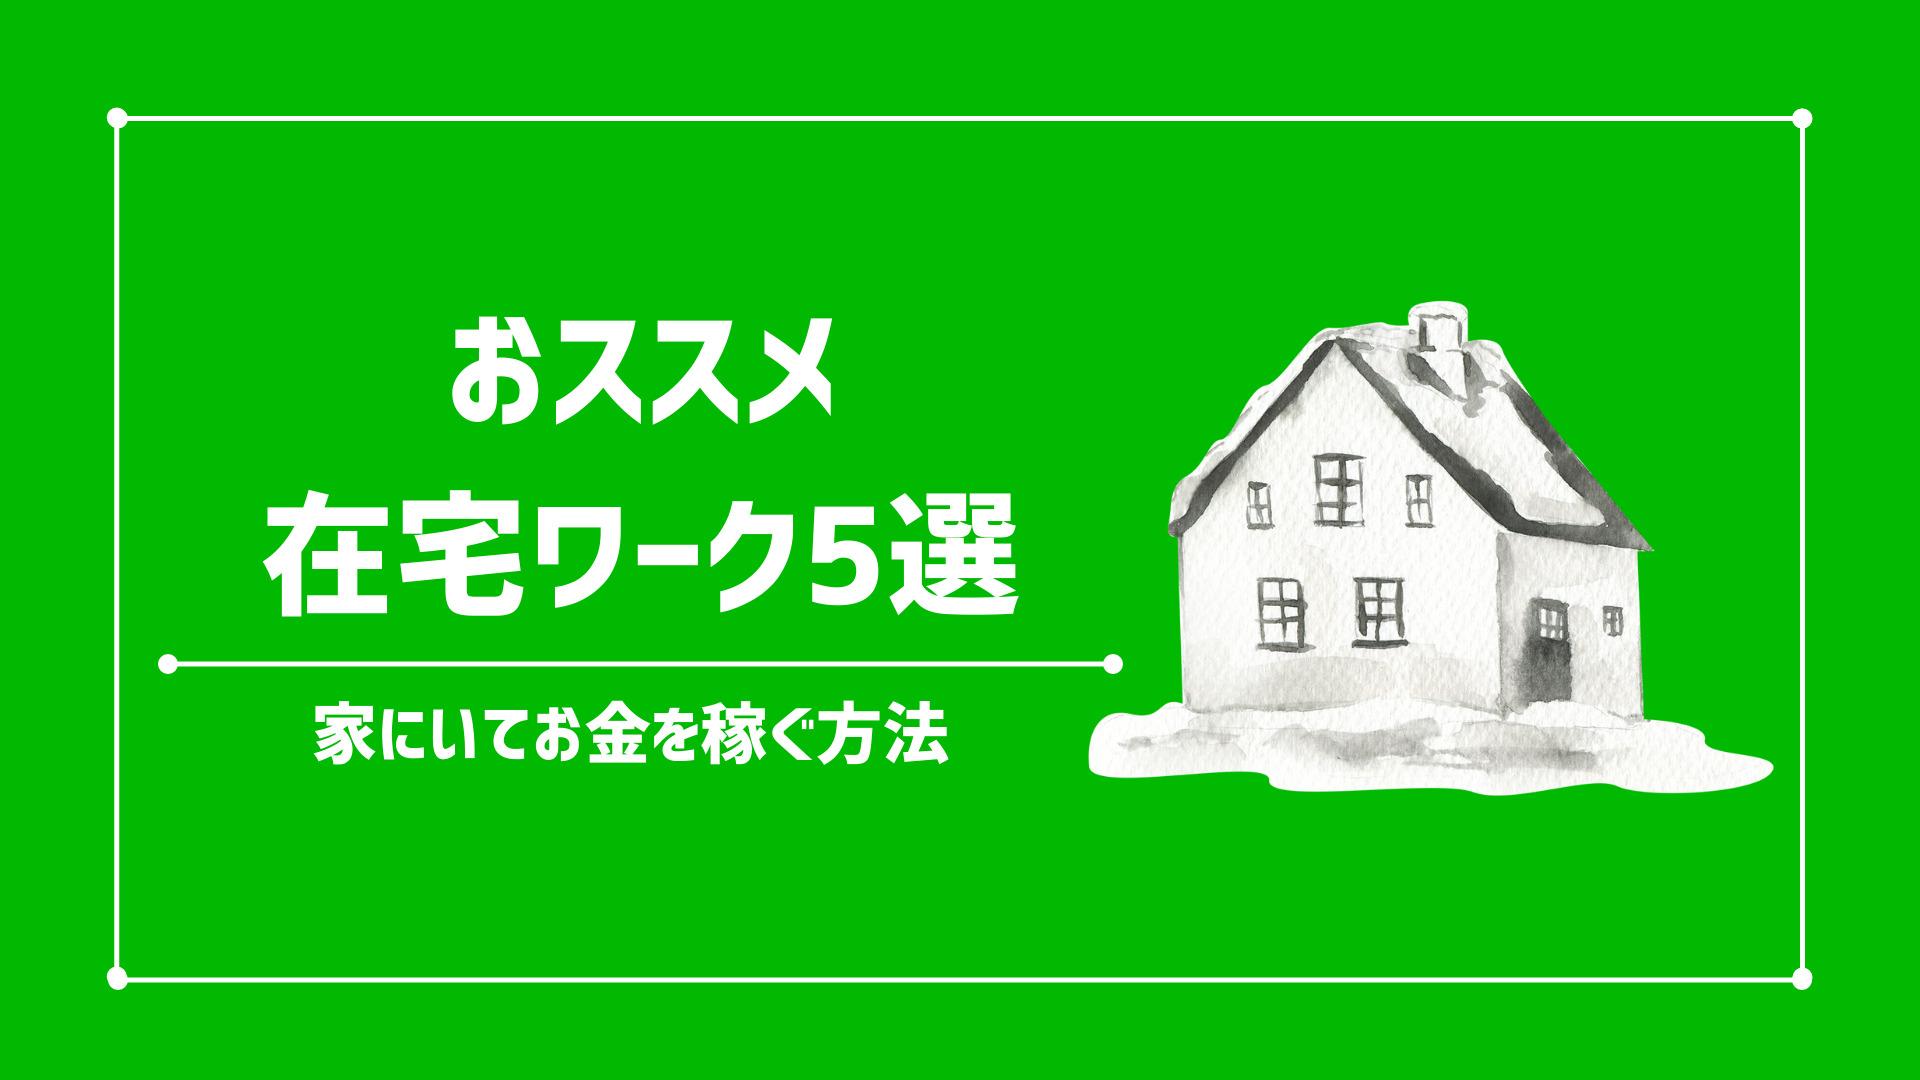 【2021年最新】家にいてお金を稼ぐ方法/決定版!コロナ禍でおススメの在宅ワークを紹介!